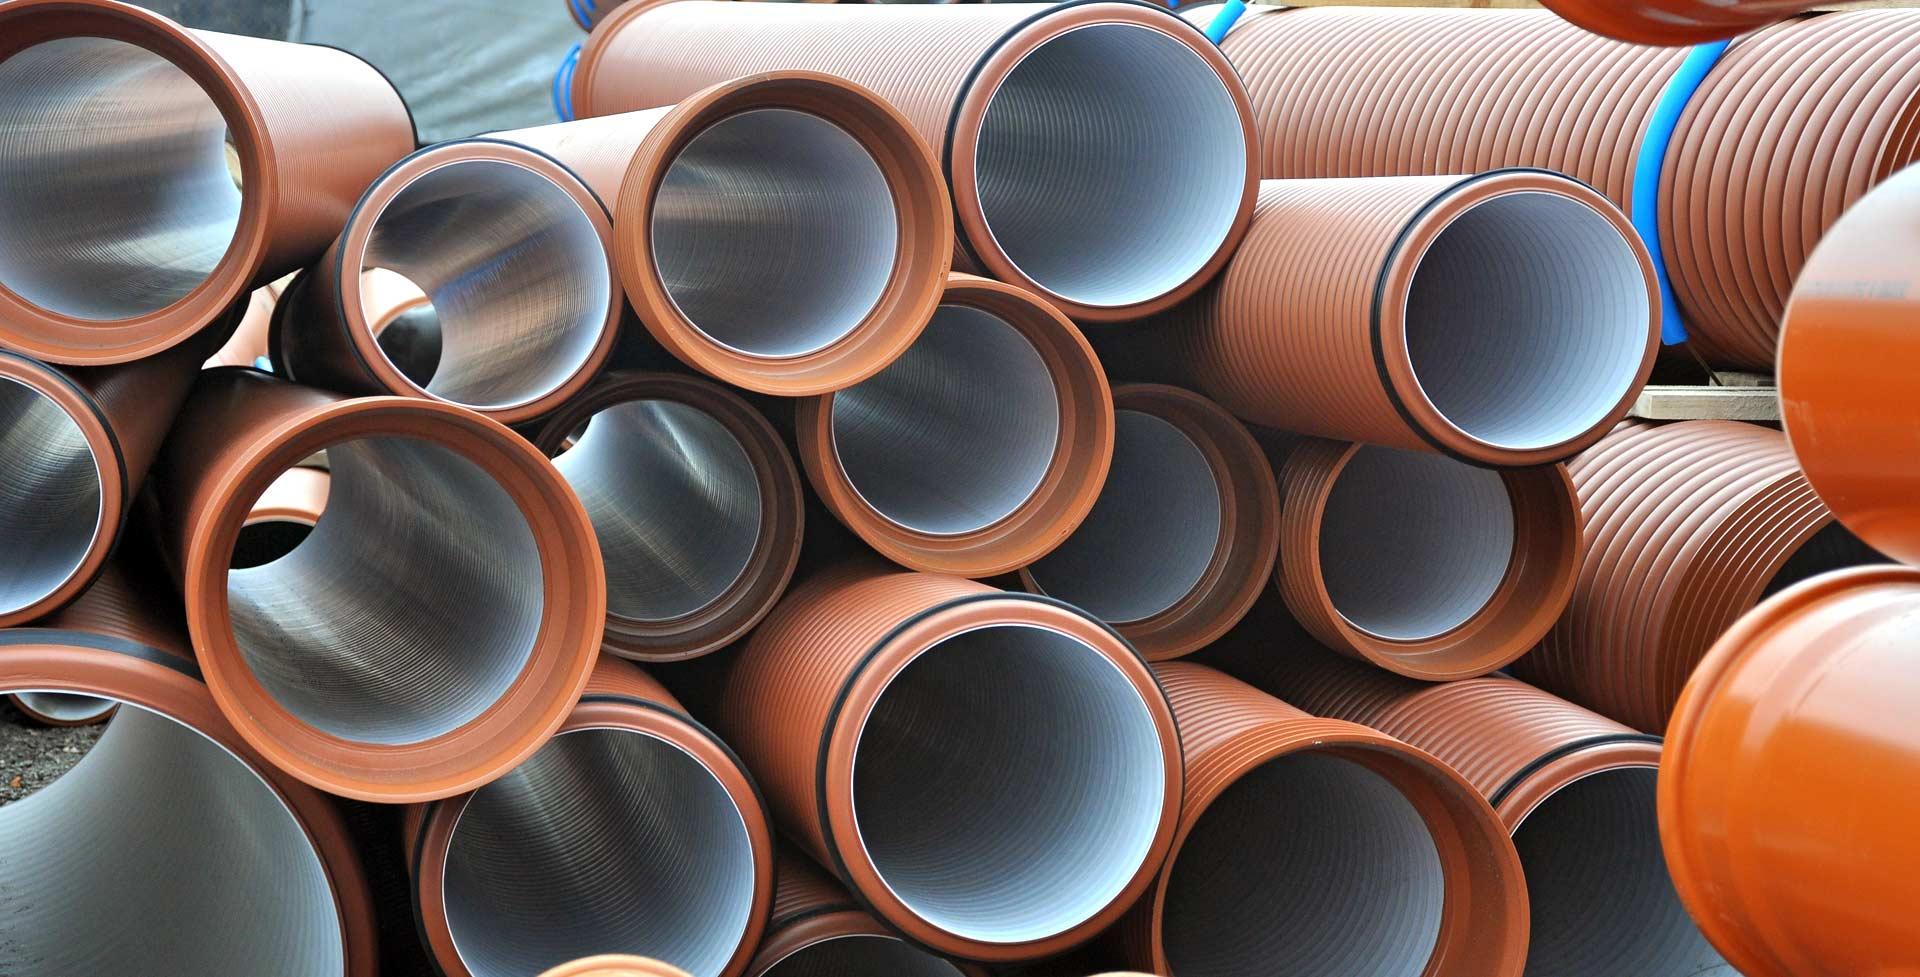 Kompleksowa dystrybucja materiałów budowlanych i kanalizacyjnych - Zapewniamy profesjonalną i szybką obsługę.